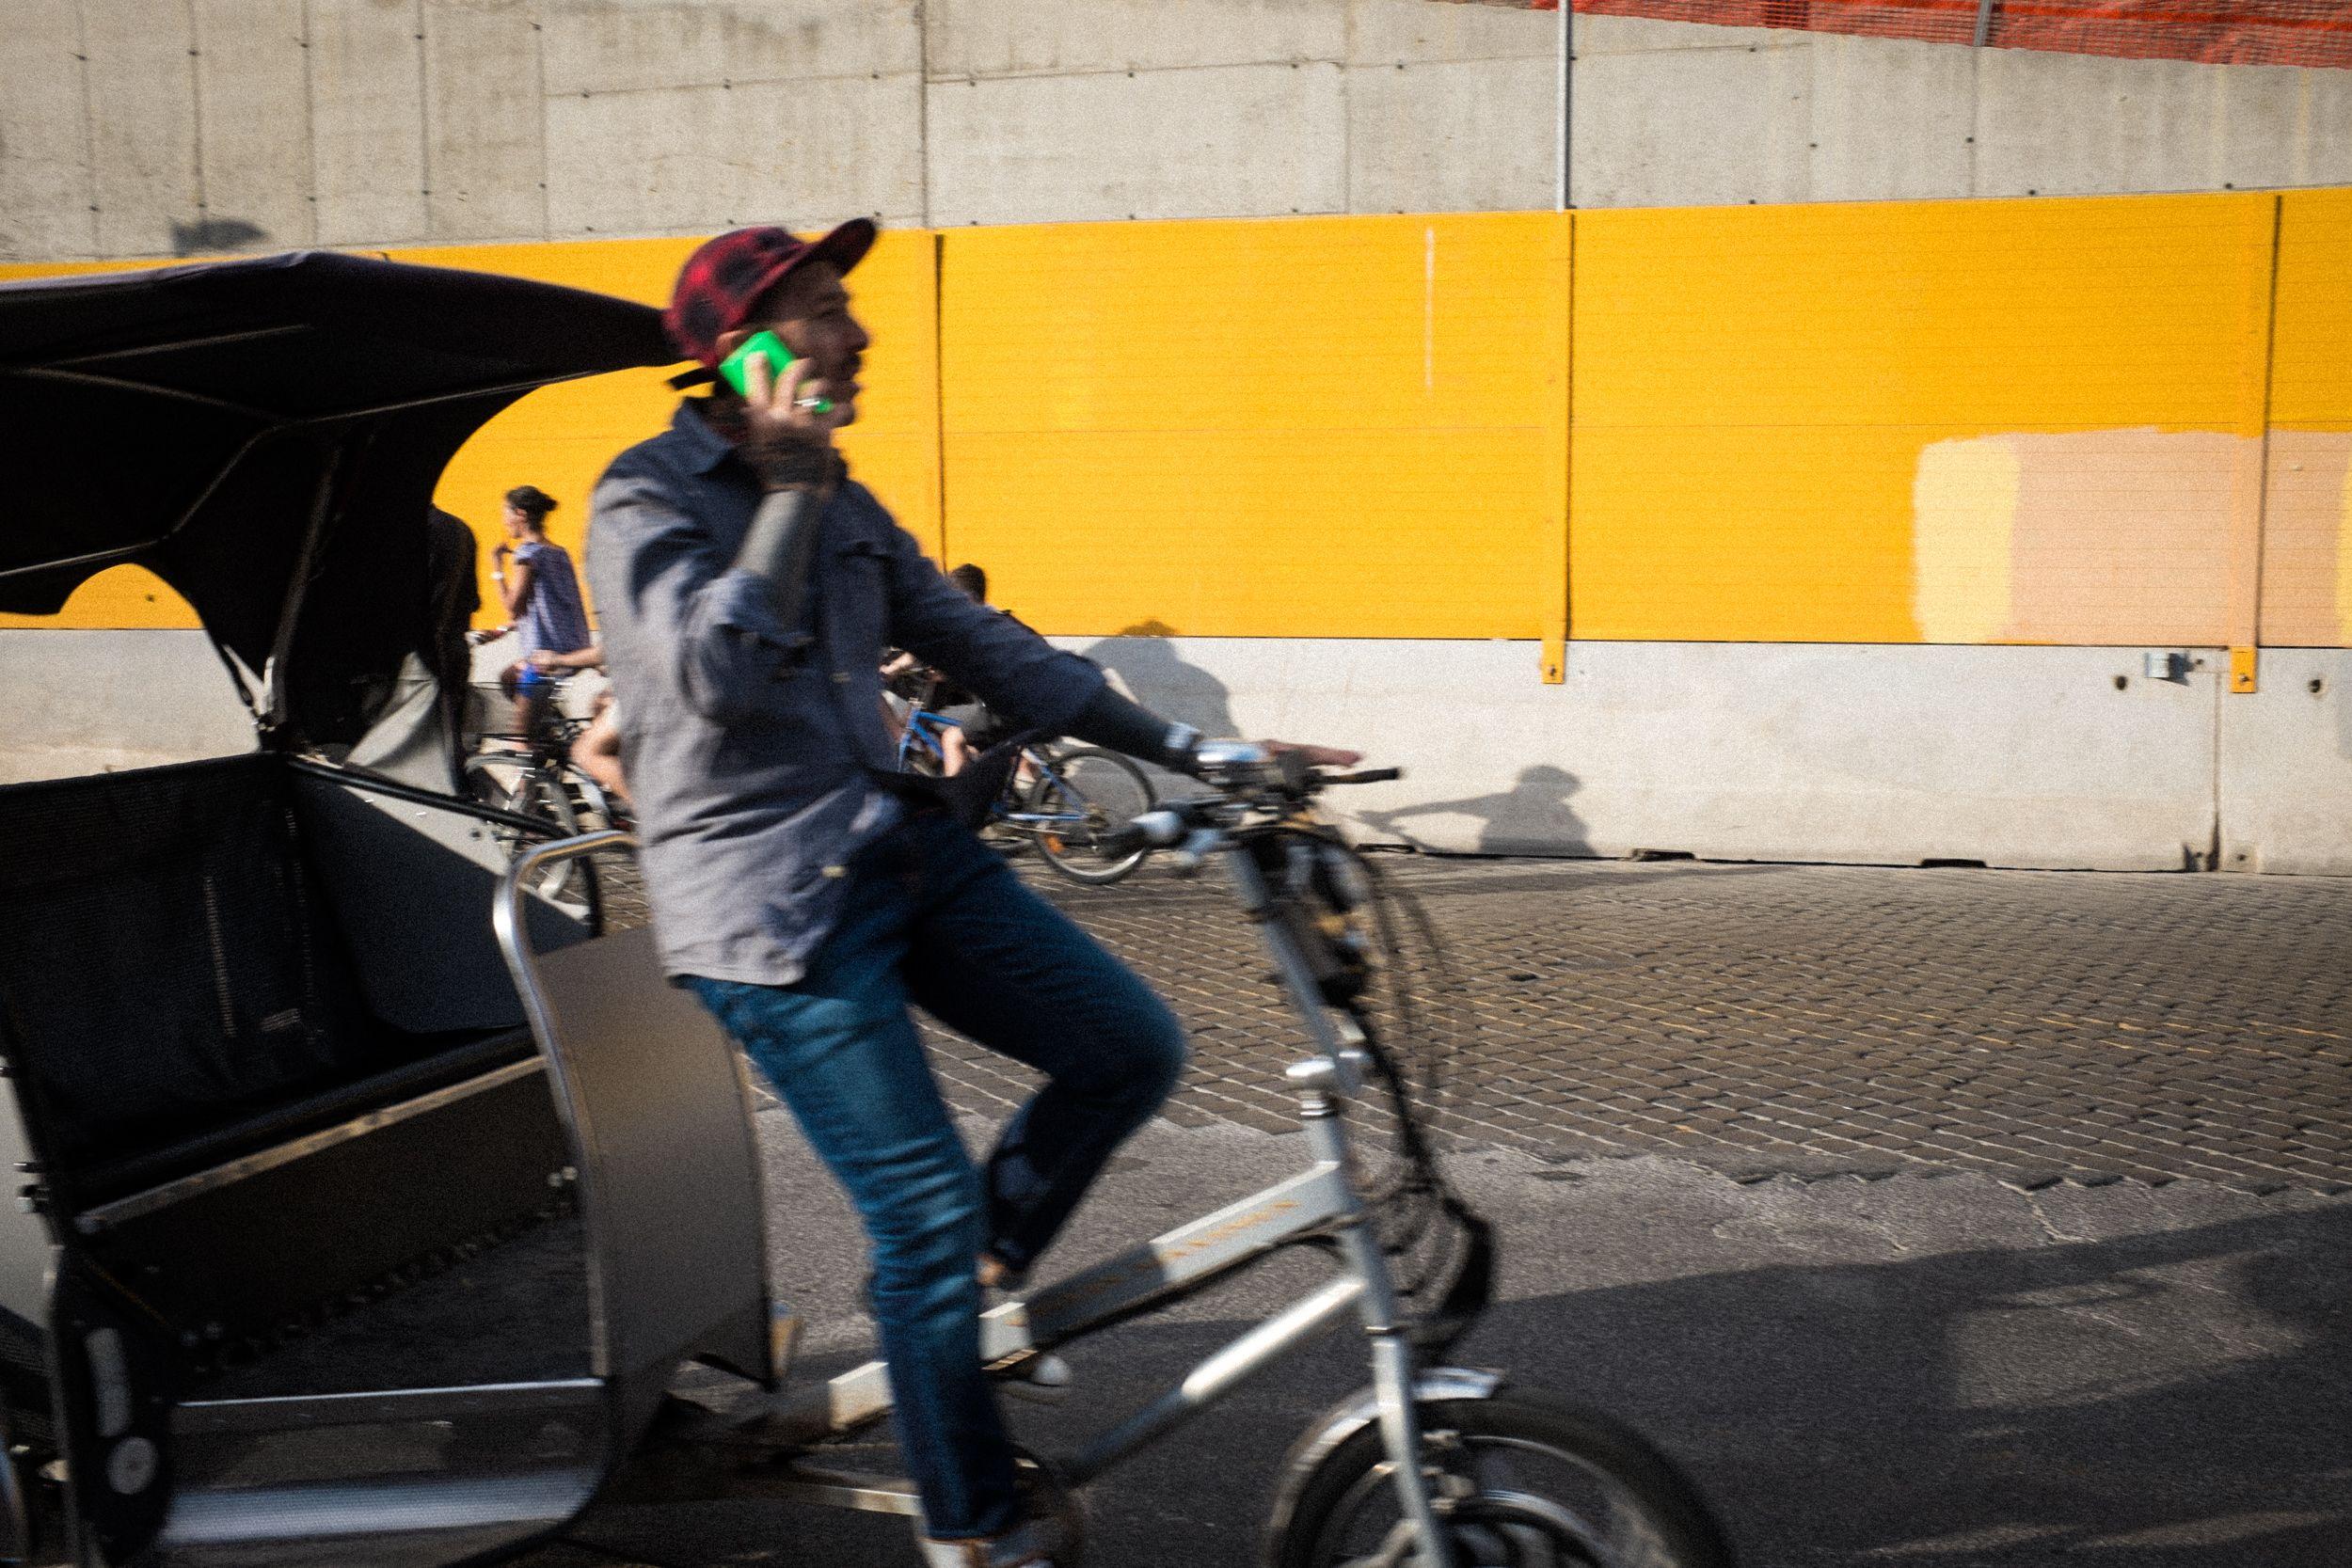 Römer Fahrradtaxi